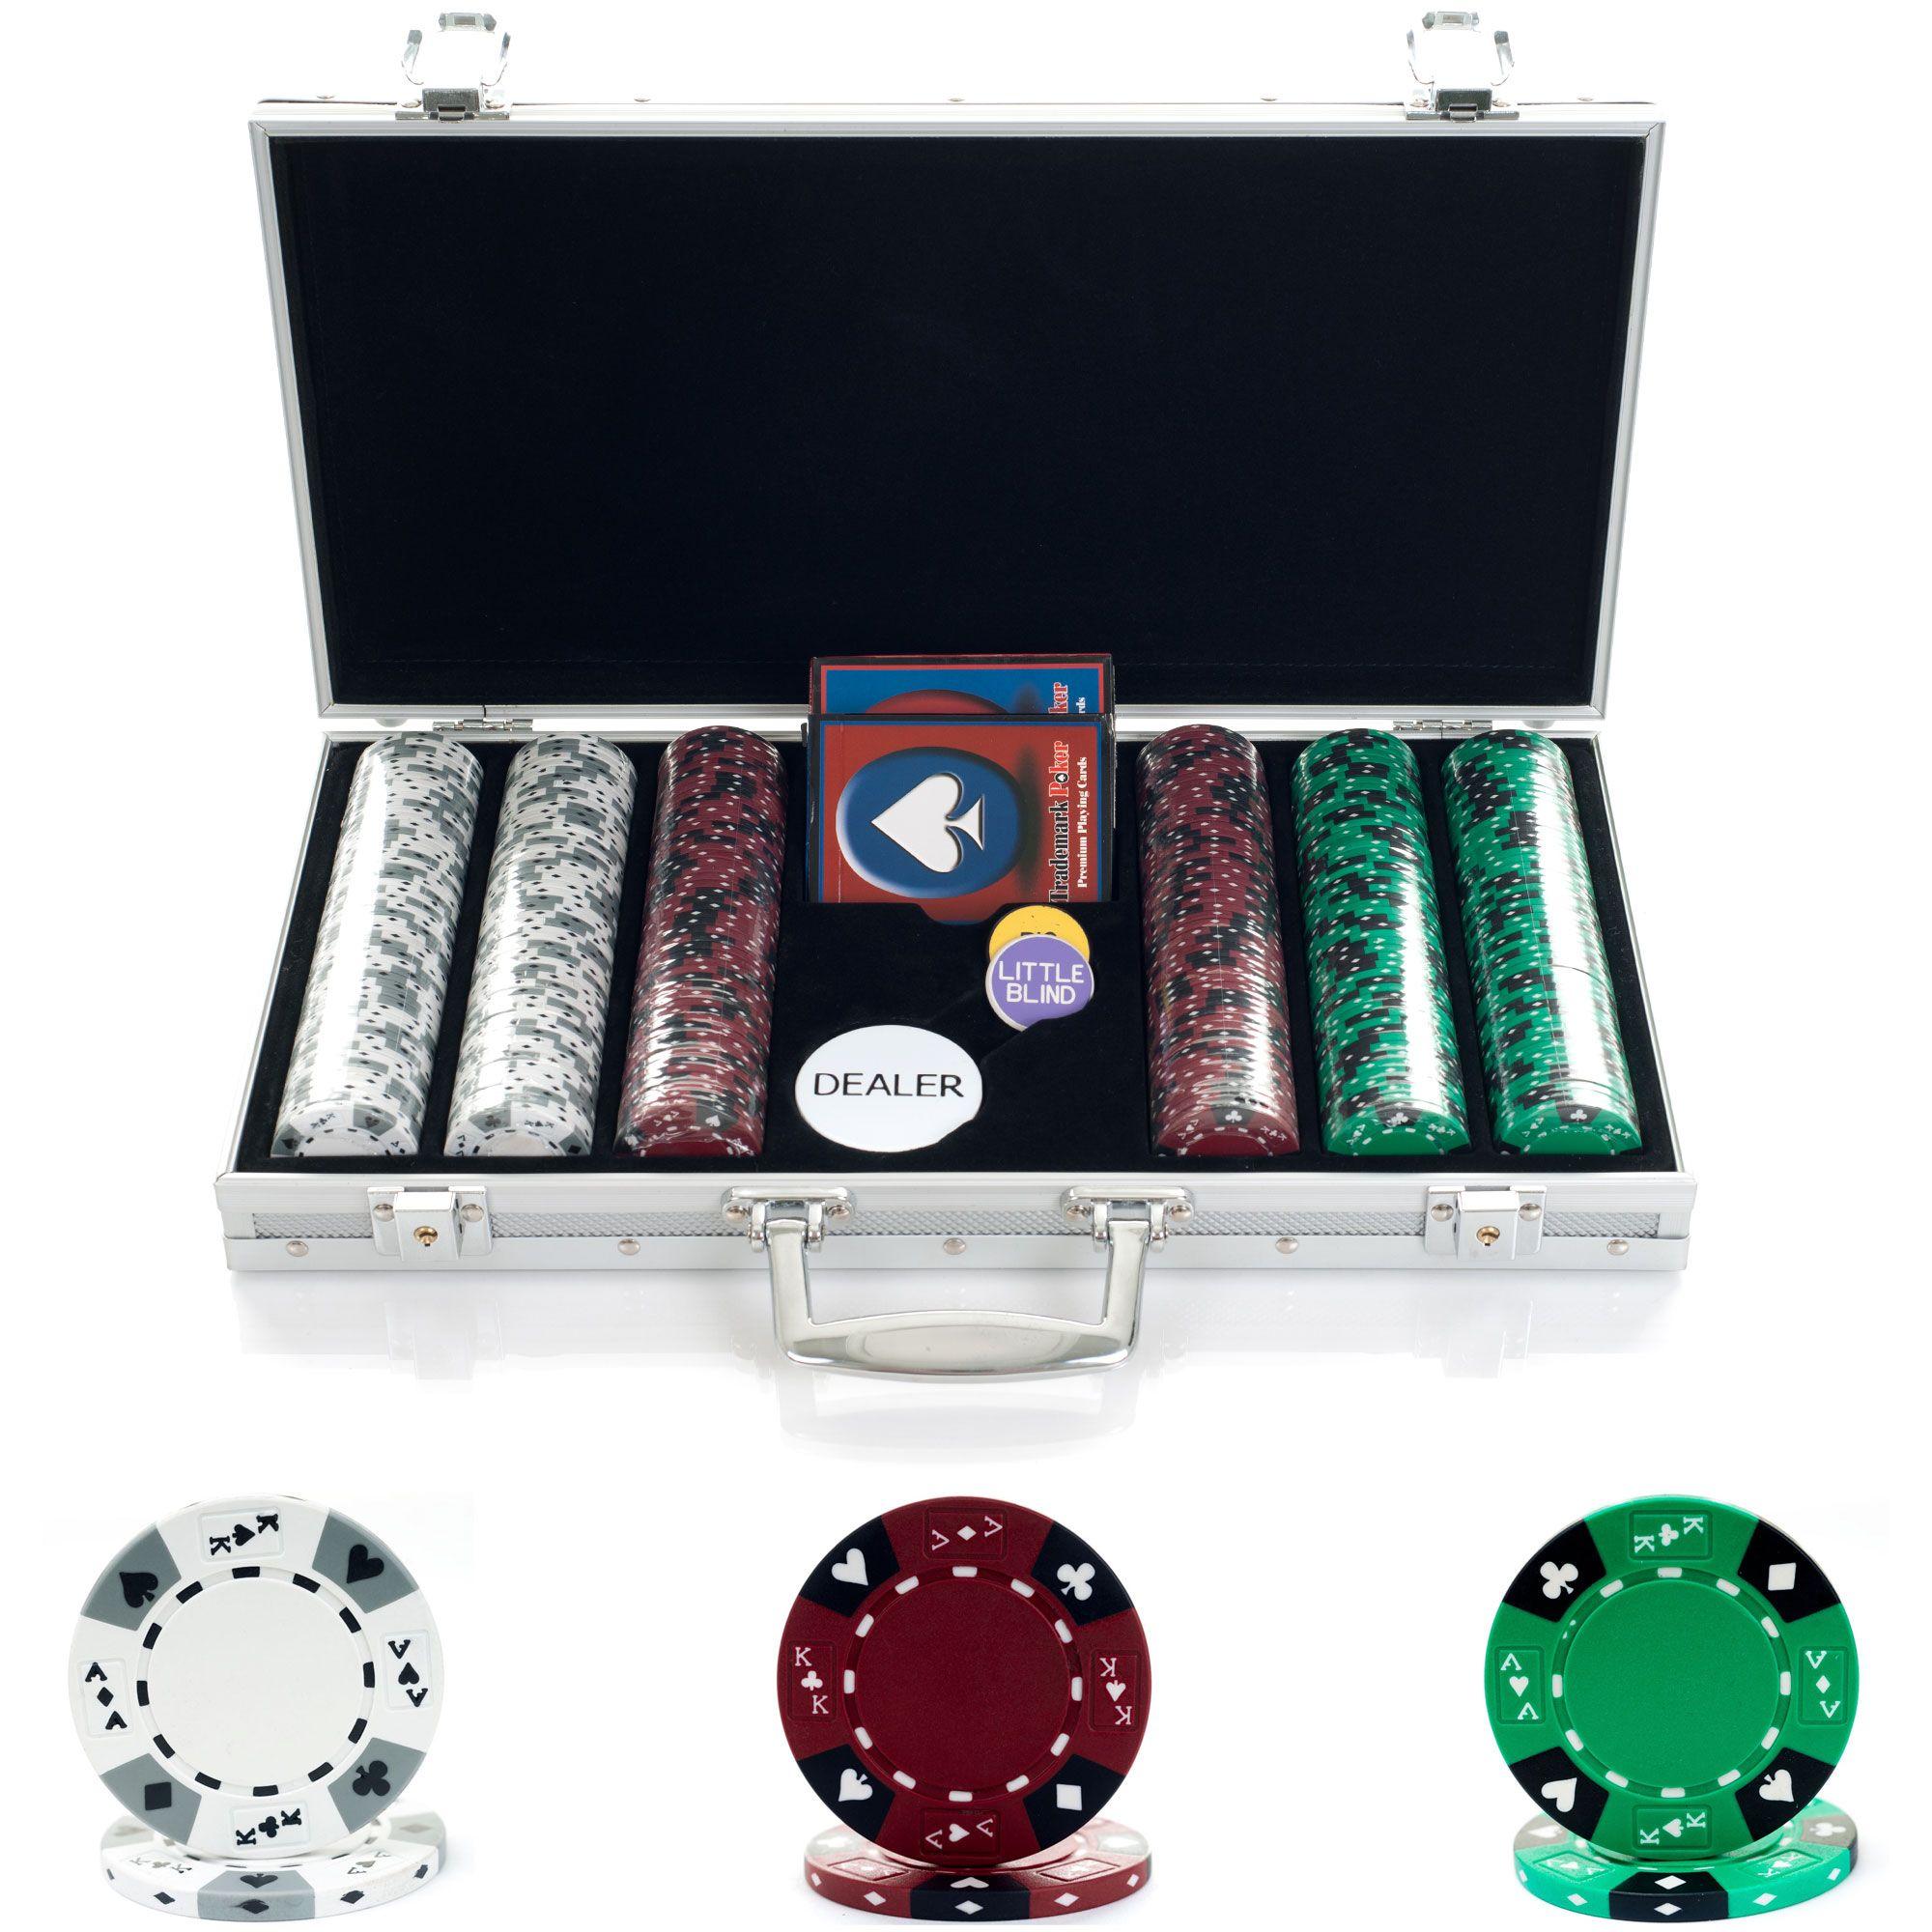 Trademark Poker 300 14g Tri Color Ace/King Suited Chips in Aluminum Case PartNumber: 05202879000P KsnValue: 4972628 MfgPartNumber: 10-1850-3001s